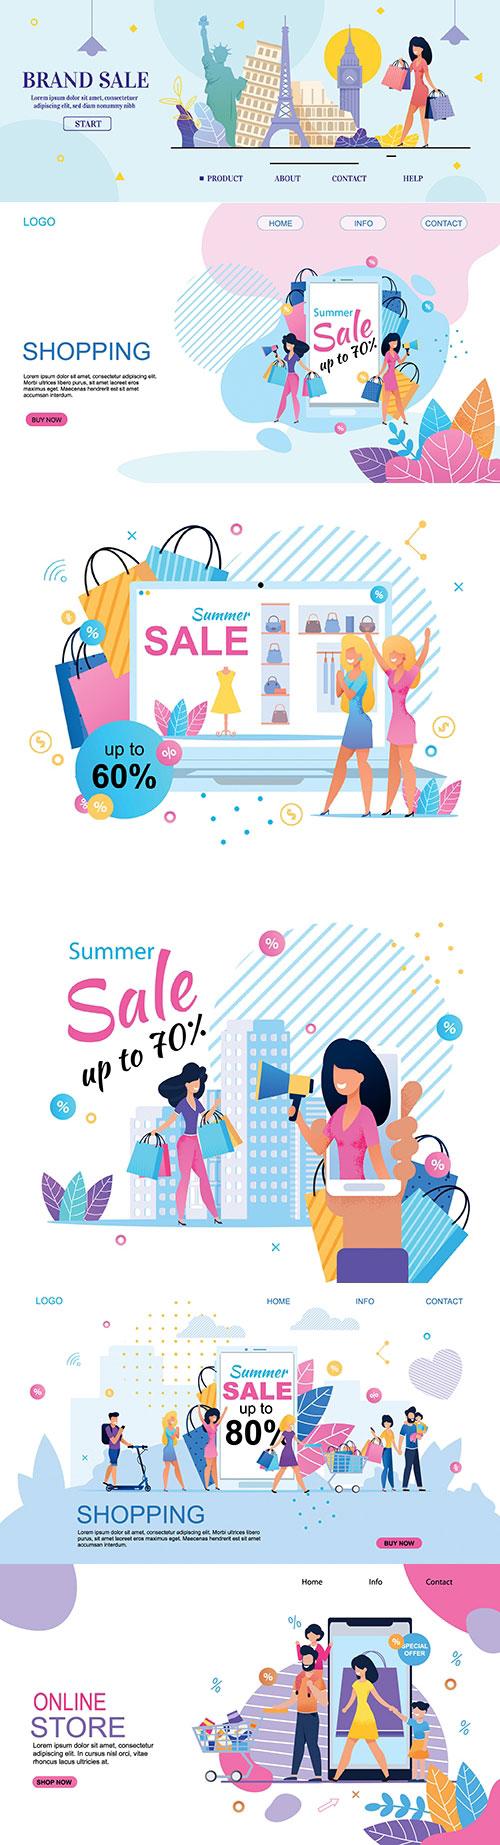 扁平化促销购物插画